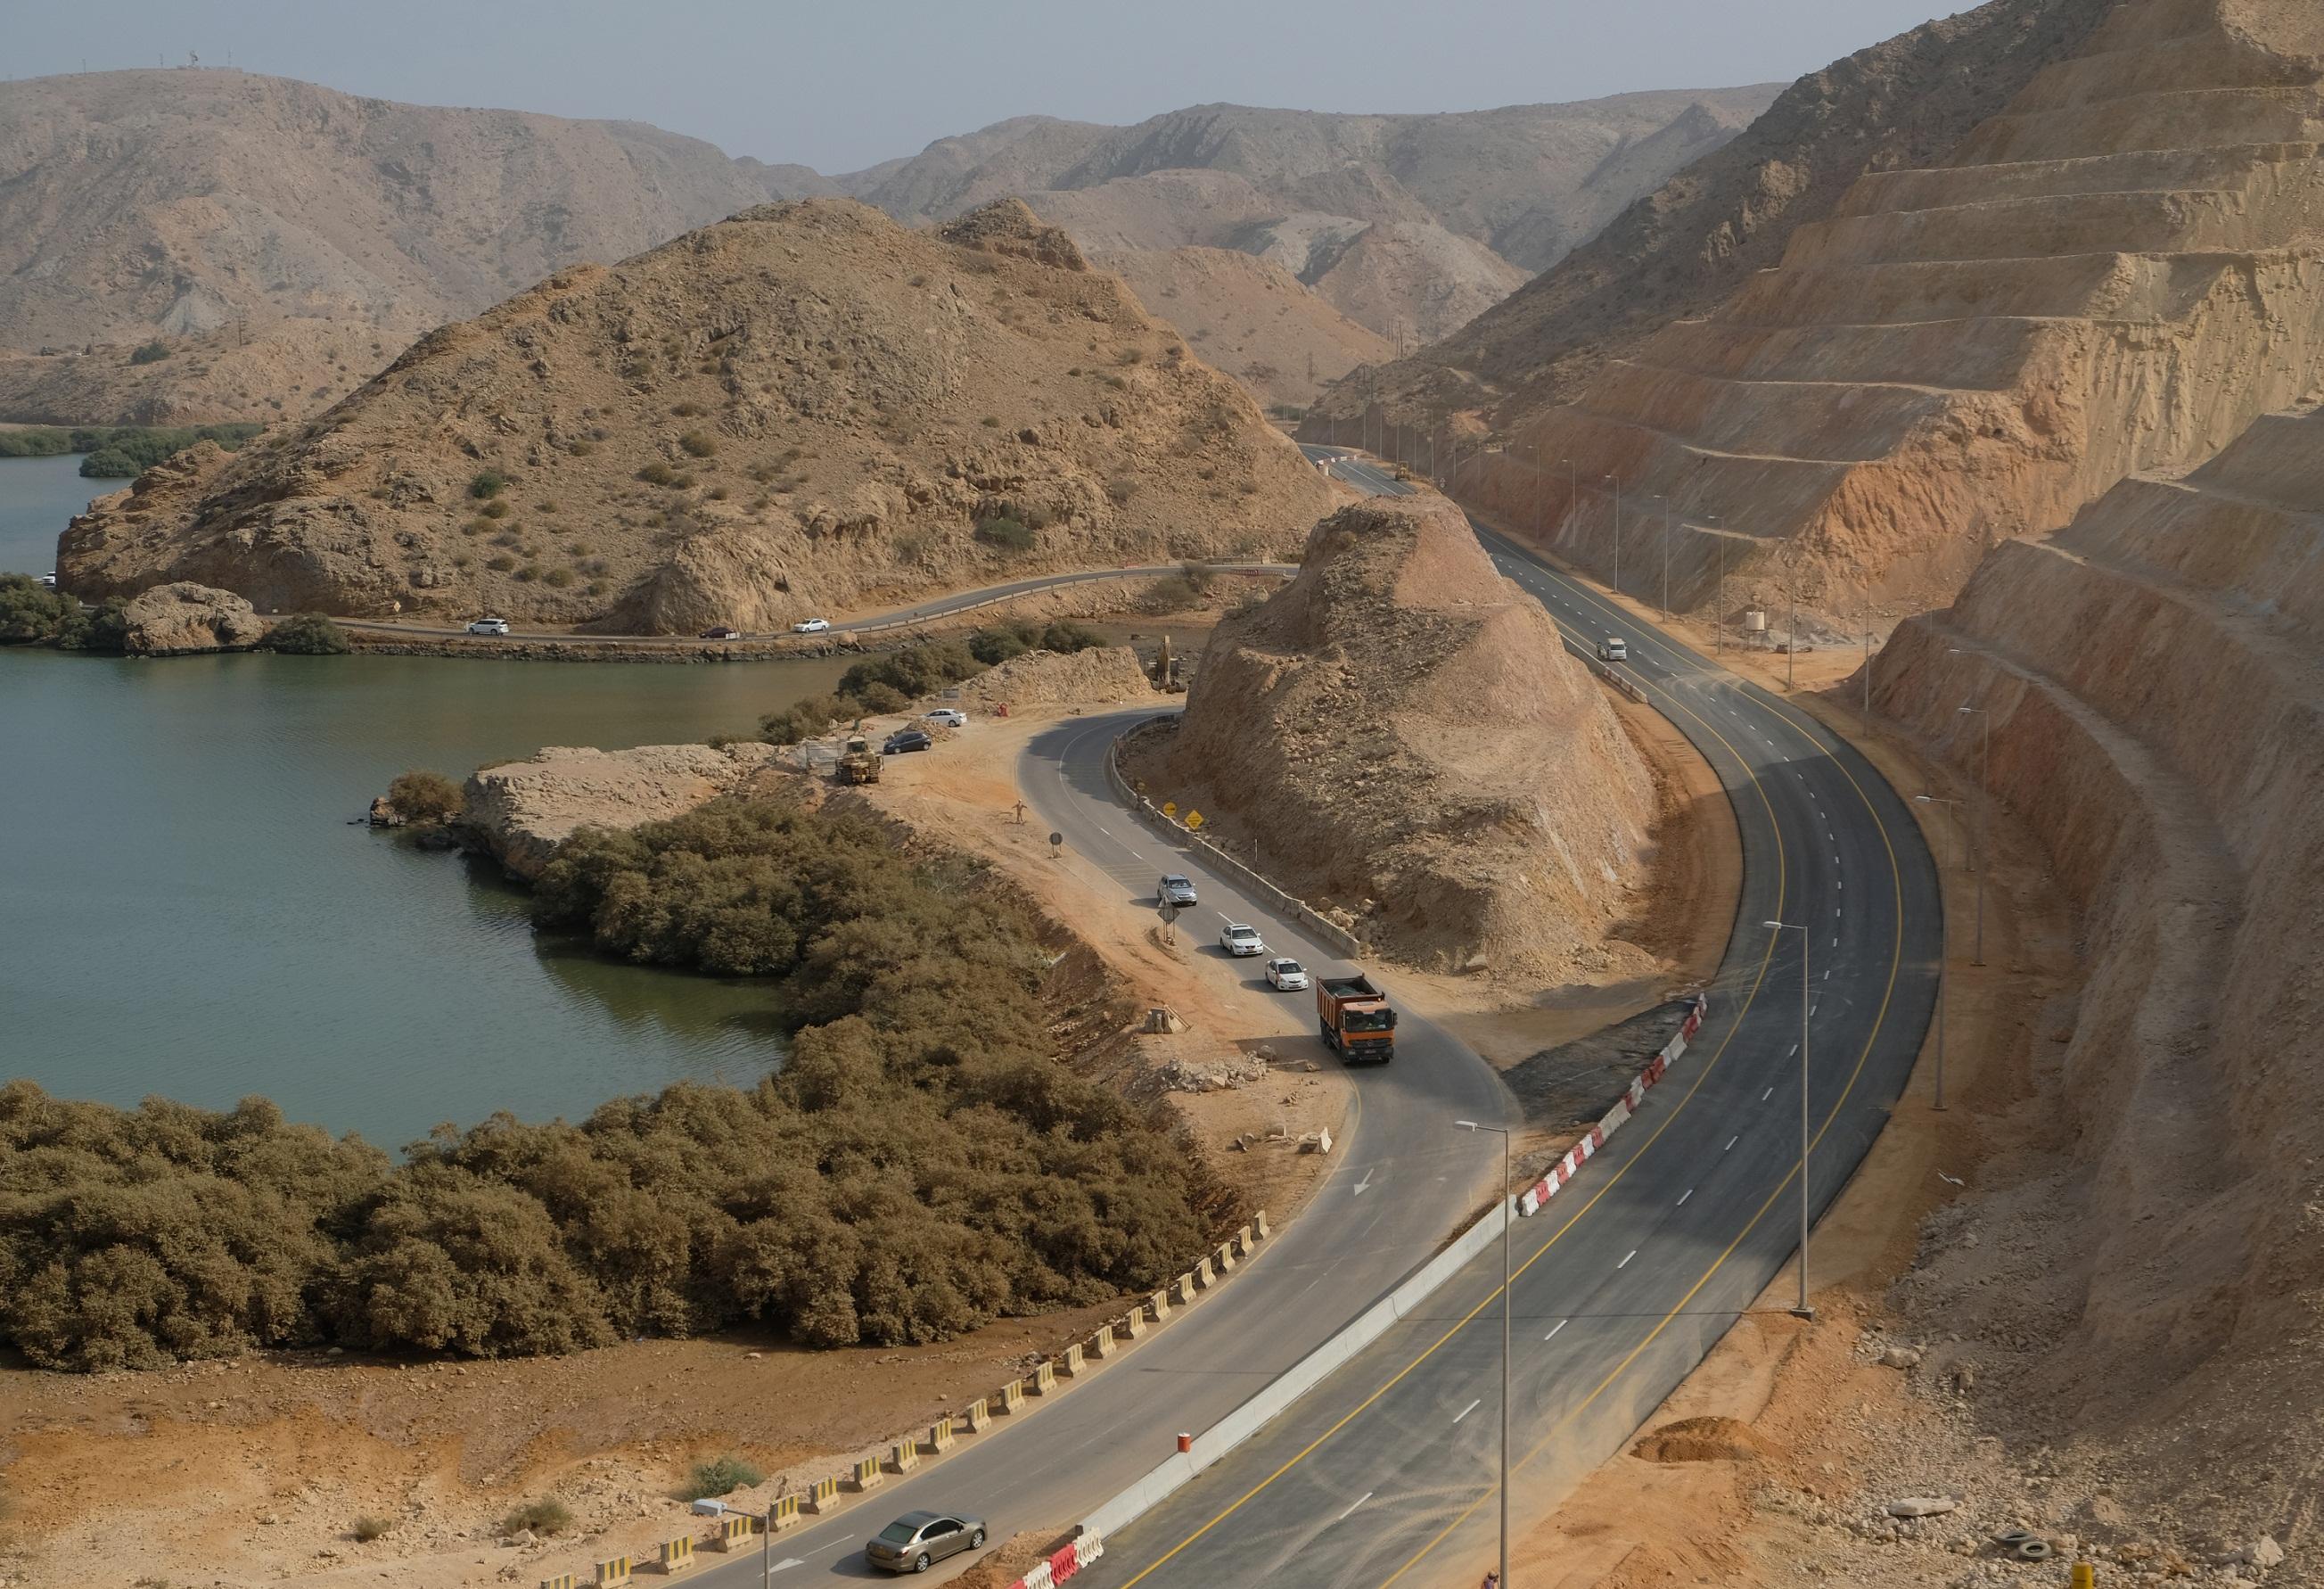 بلدية مسقط تفتتح أجزاءً من تحسينات طريق يتي - السيفة بمنطقة الخيران .. غداً